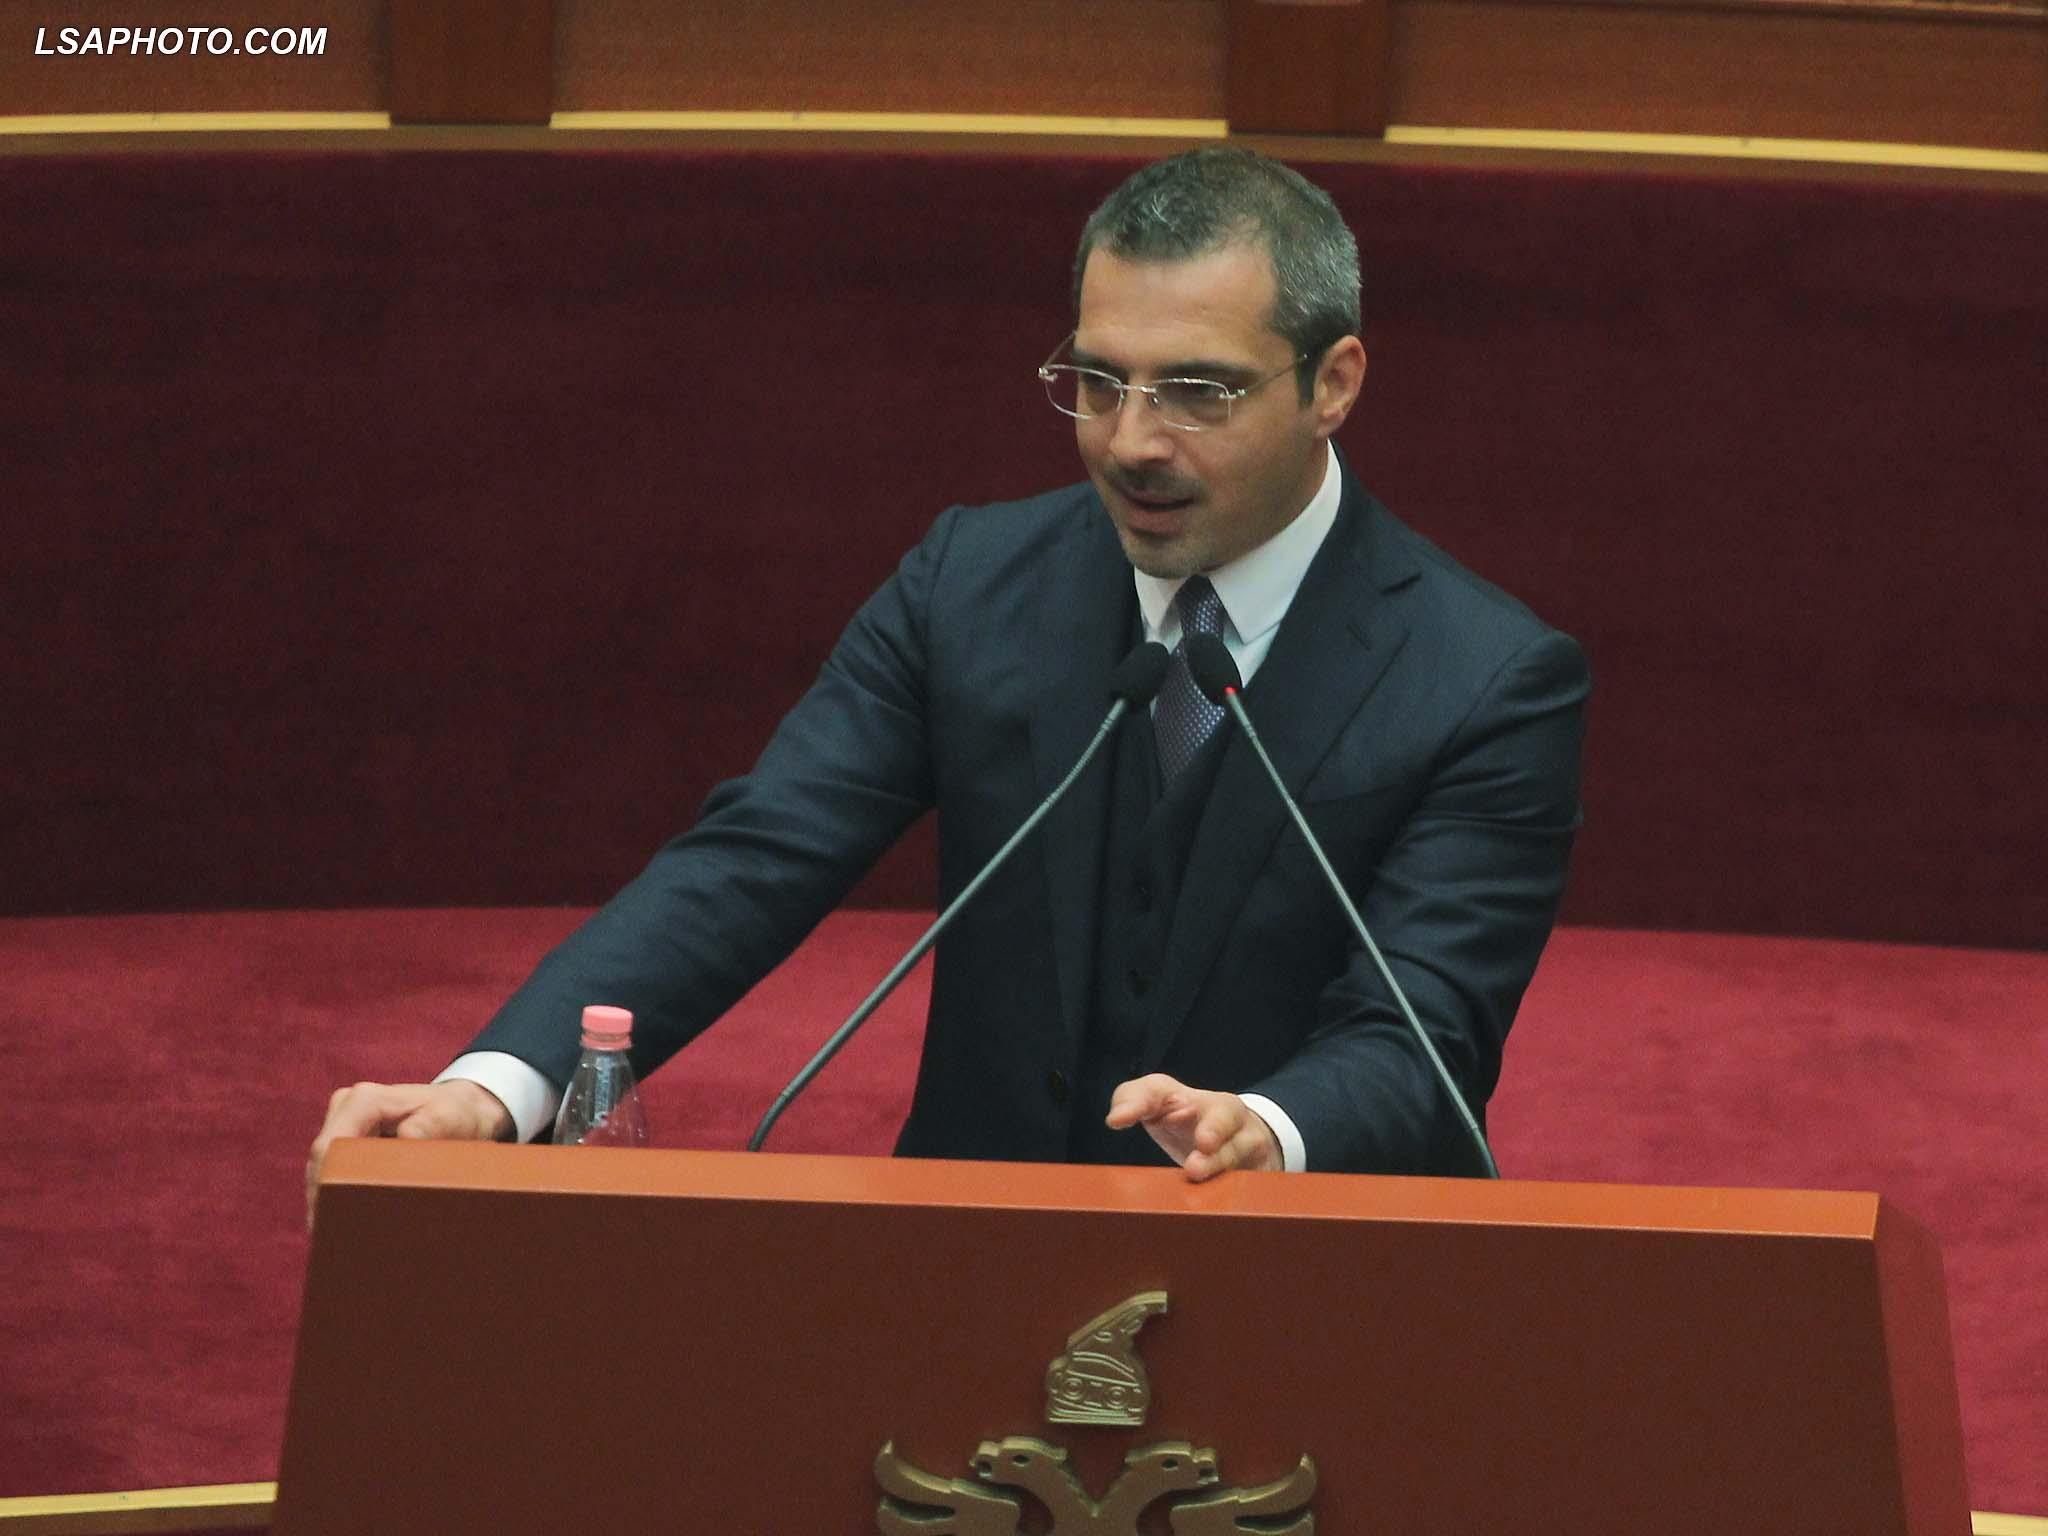 Ministri i Brendshem, Saimir Tahiri, duke folur gjate nje seance parlamentare3